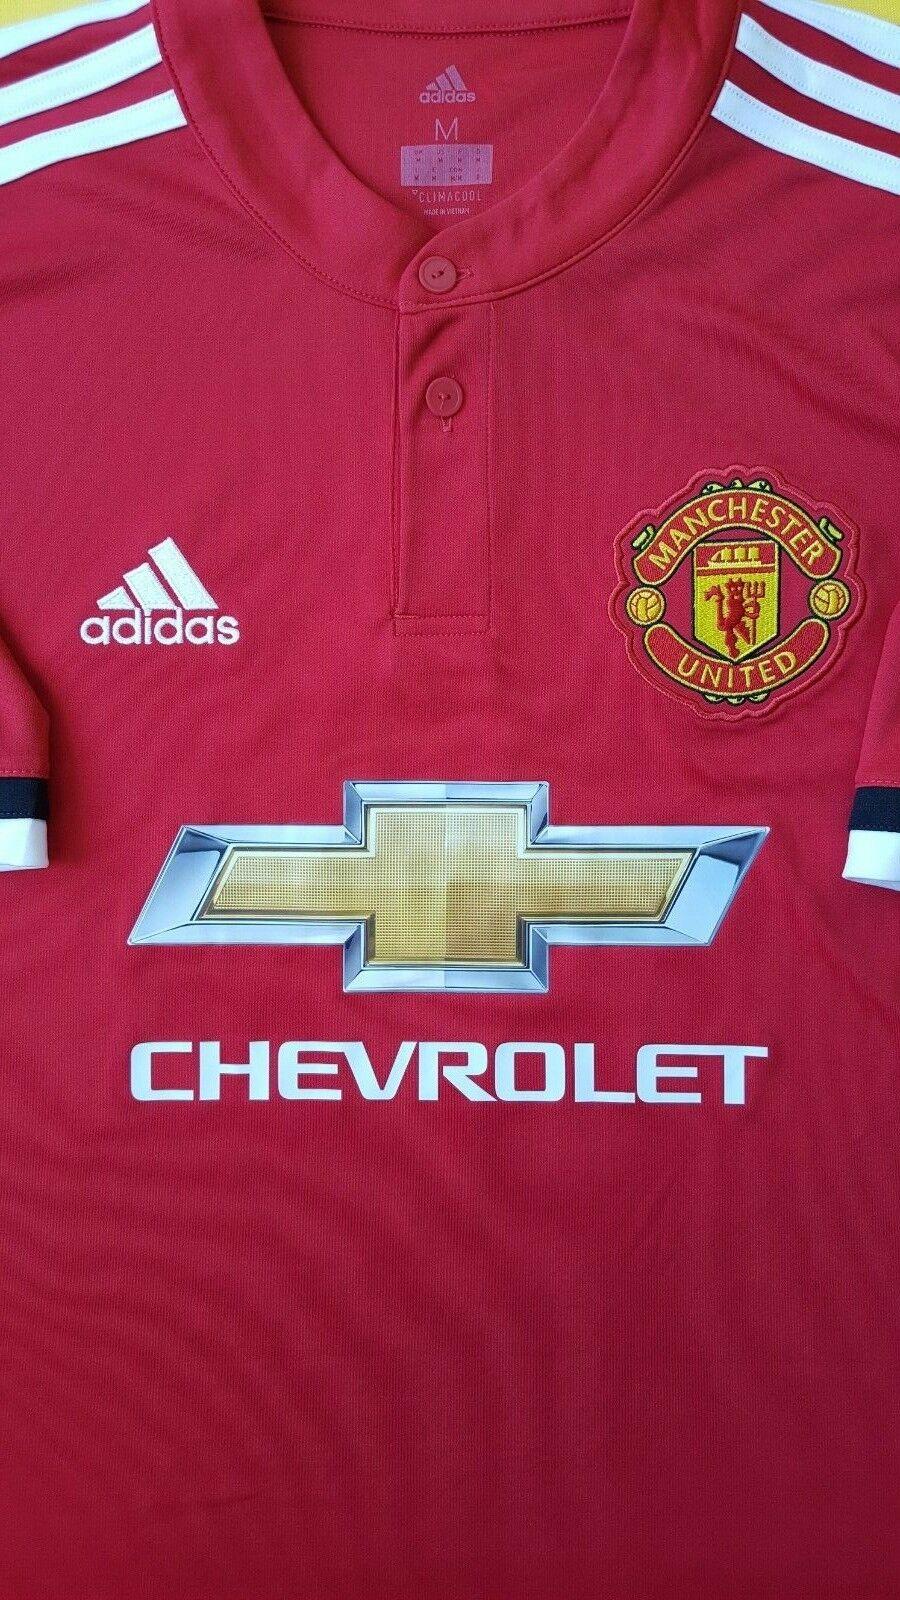 5+ 5 Pogba Manchester United jersey medium 2018 shirt shirt shirt BS1214 Adidas soccer ig93 1e6920